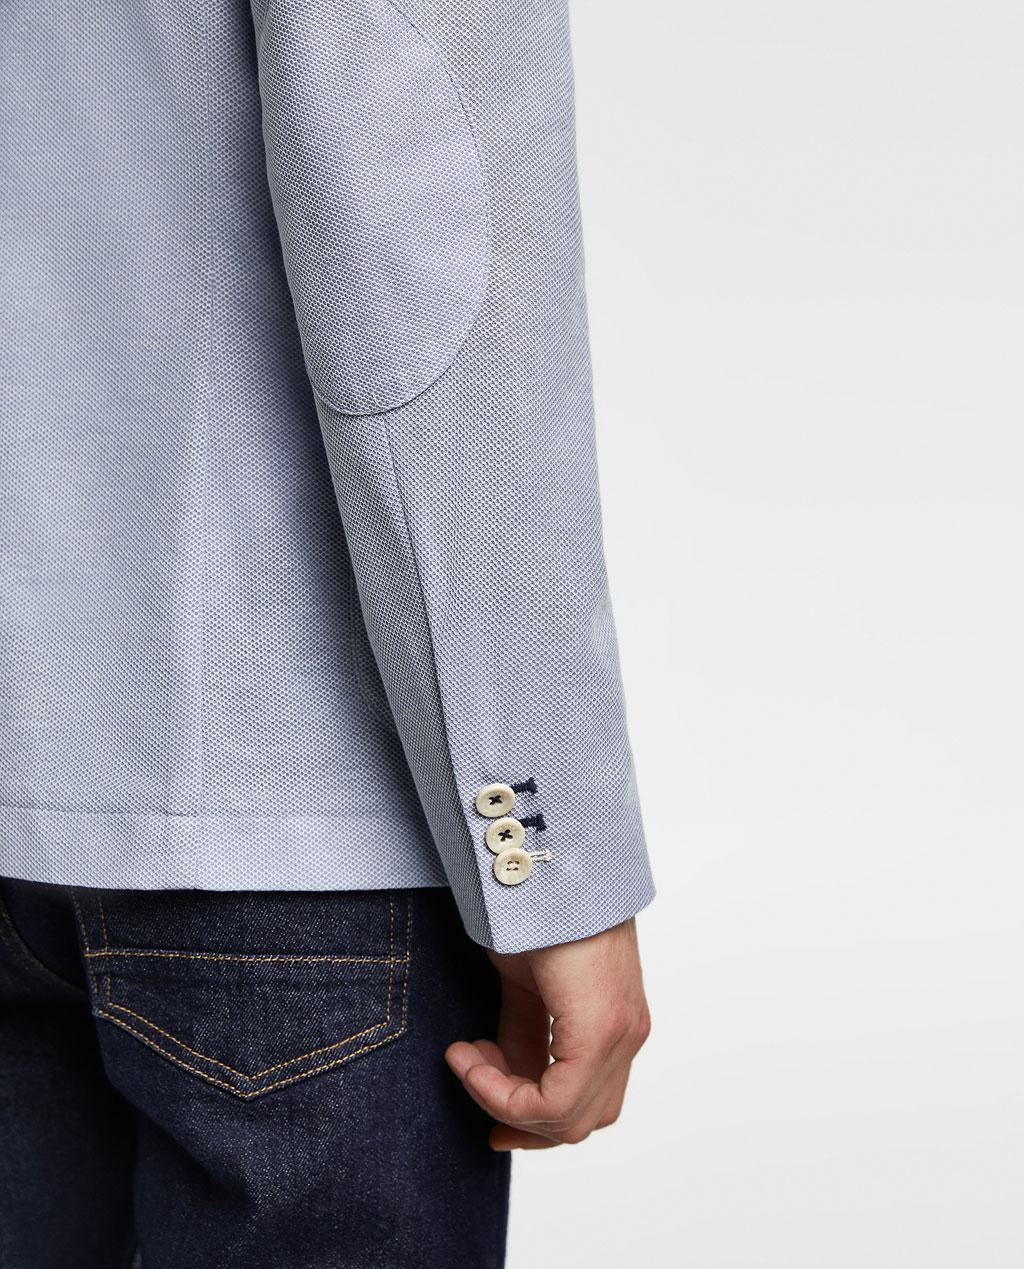 Thời trang nam Zara  23876 - ảnh 9